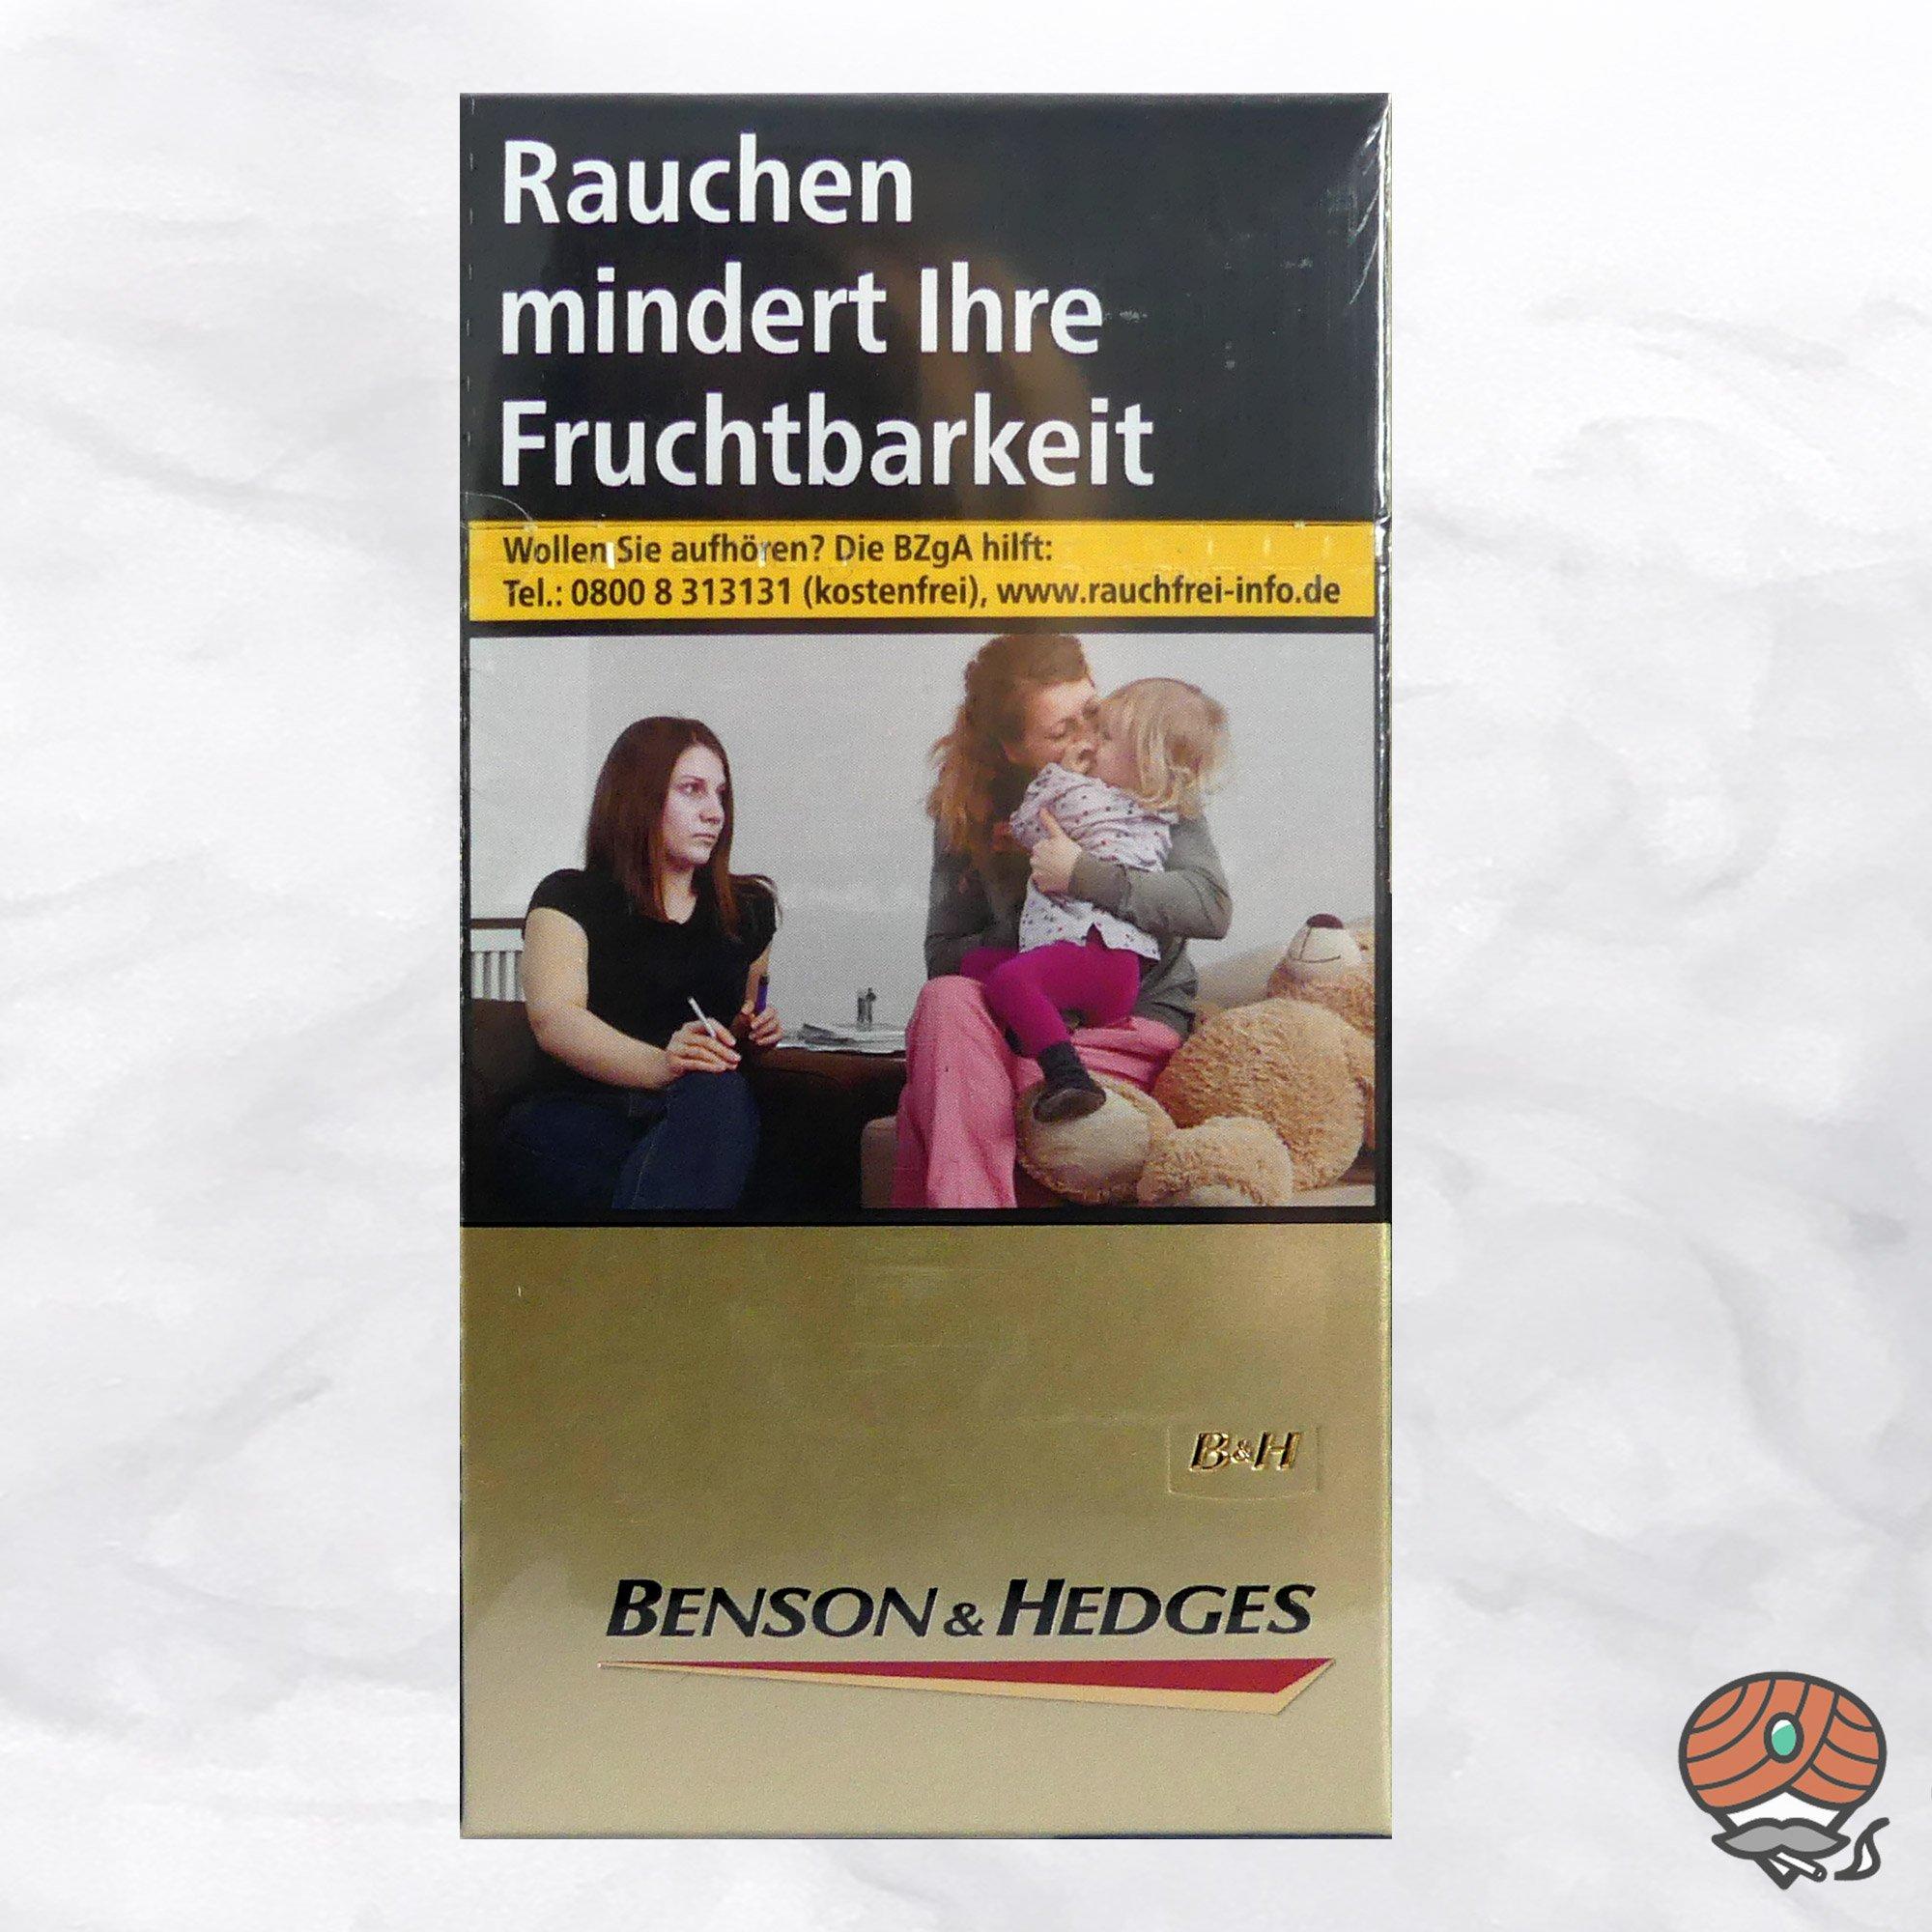 Benson & Hedges Gold LONG Zigaretten (20 Stück)